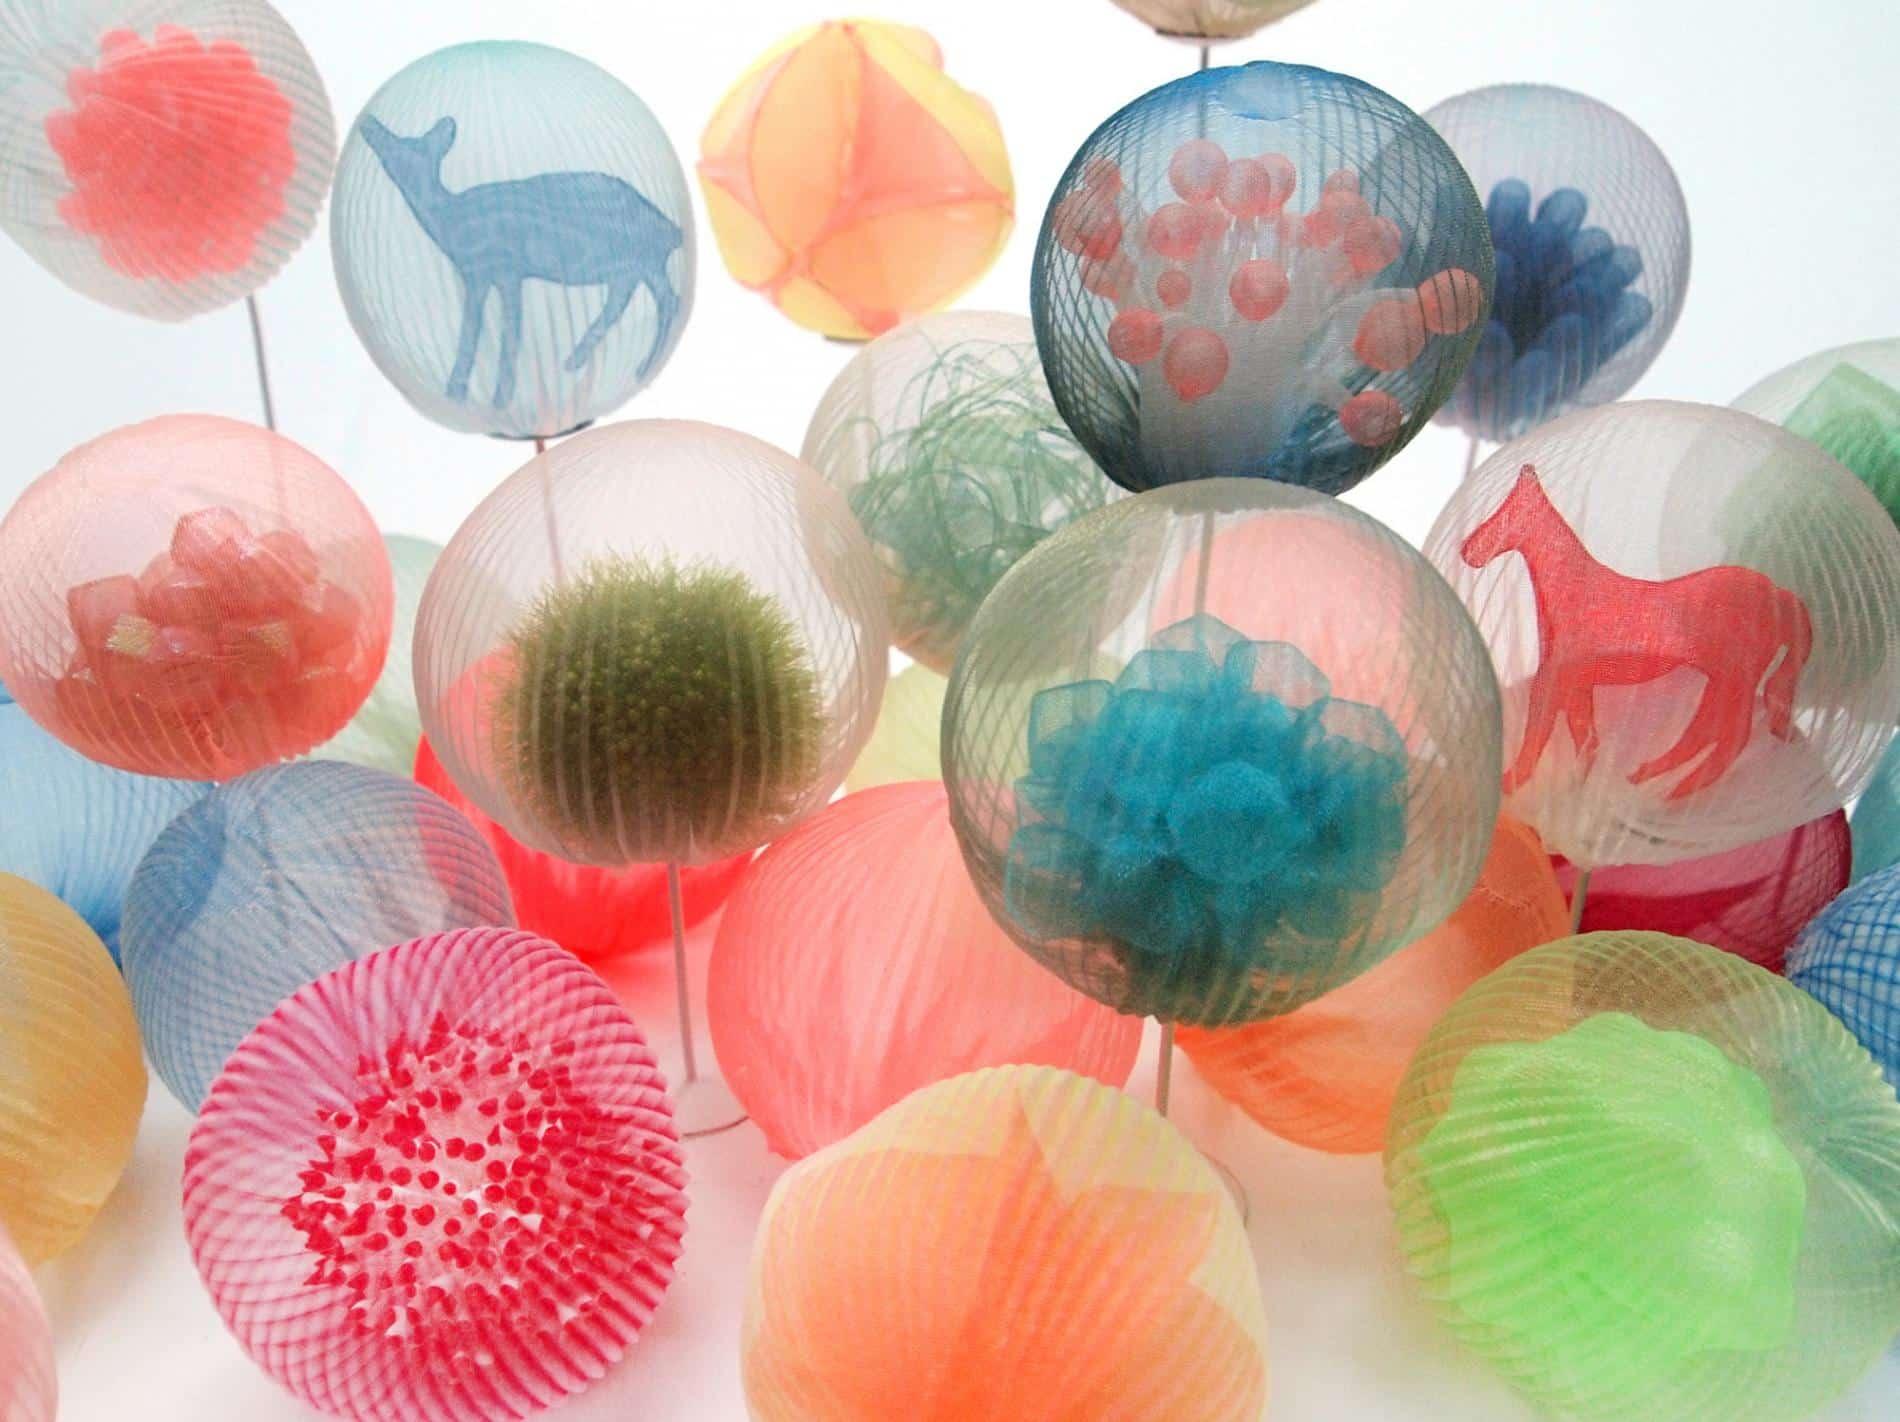 kusumoto textiles traslucidos bolas